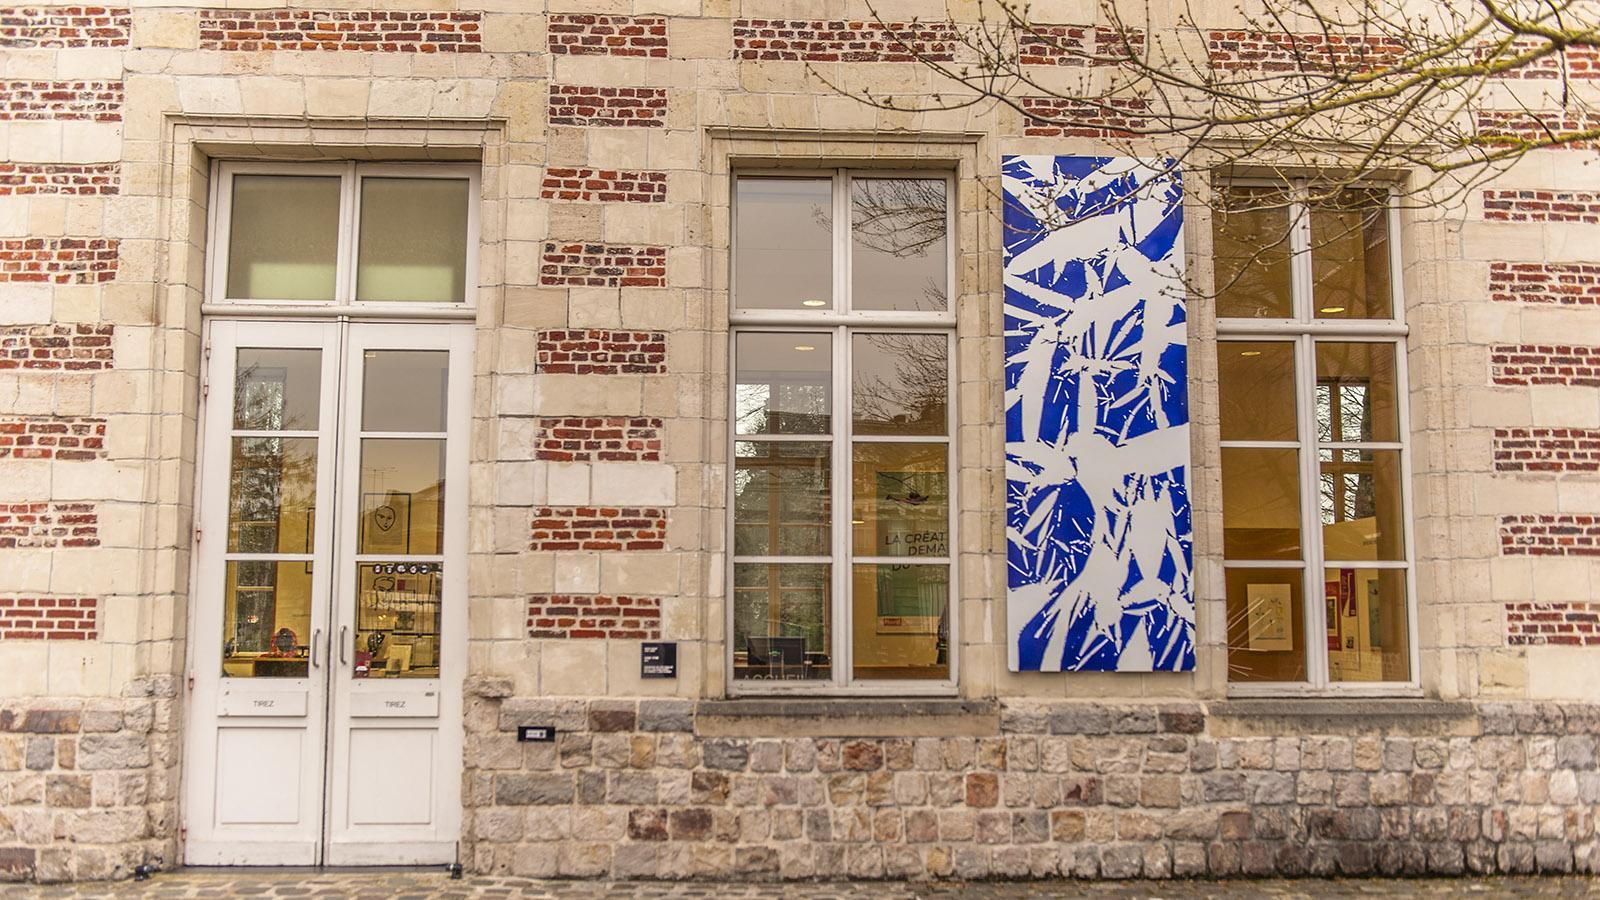 Blau - ein Lieblingsfarbe von Matisse, die sich durch sein ganzes Werk zieht. Foto: Hilke Maunder